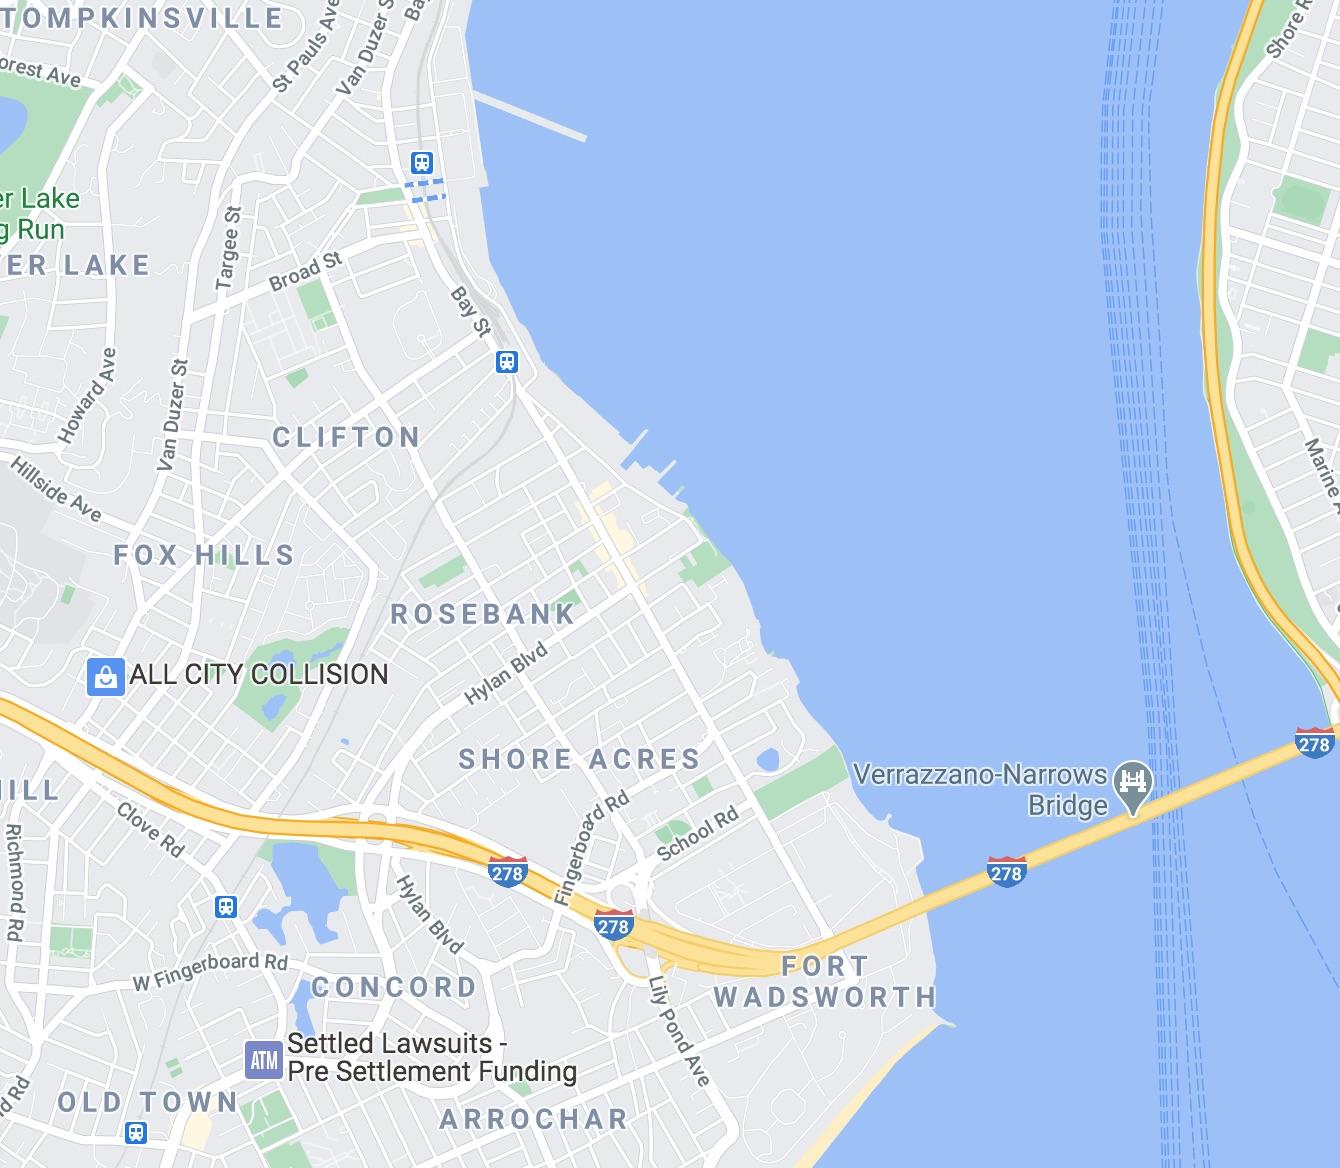 near, Rosebank, NY, New York, long, Island, longisland, pet, store, petstore